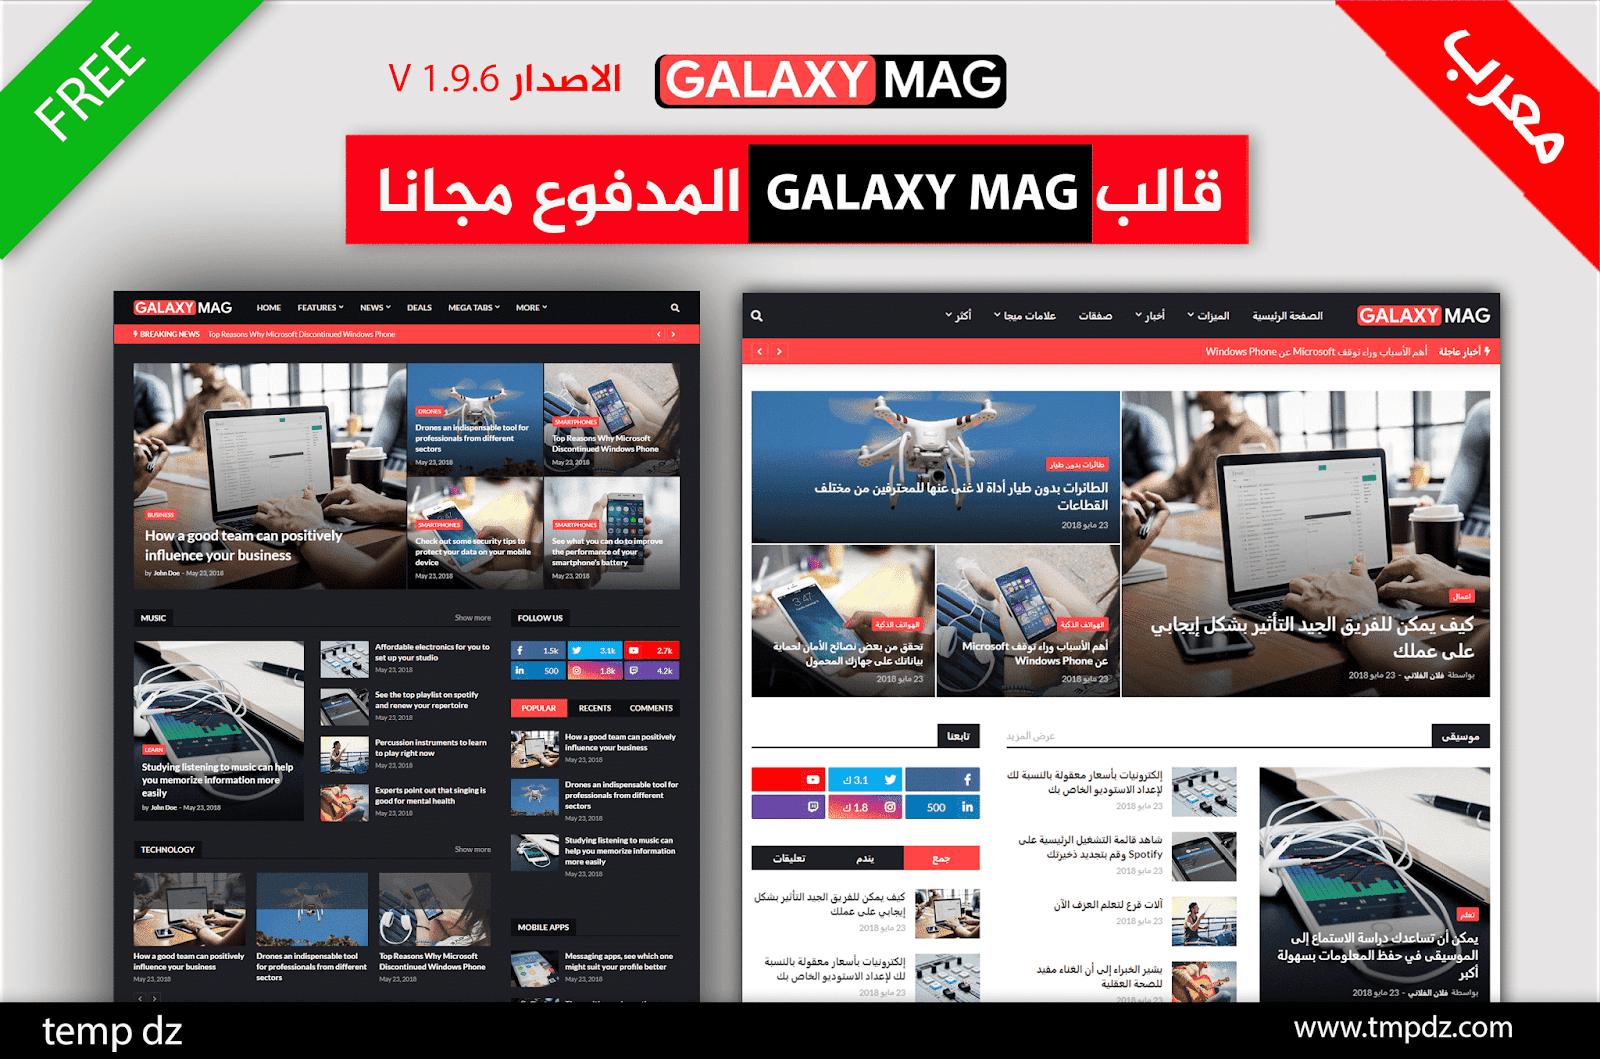 تحميل قالب جلاكسي ماج Galaxymag المدفوع مجانا أسرع قالب لسنة 2020 Blogger Templates Templates Galaxy